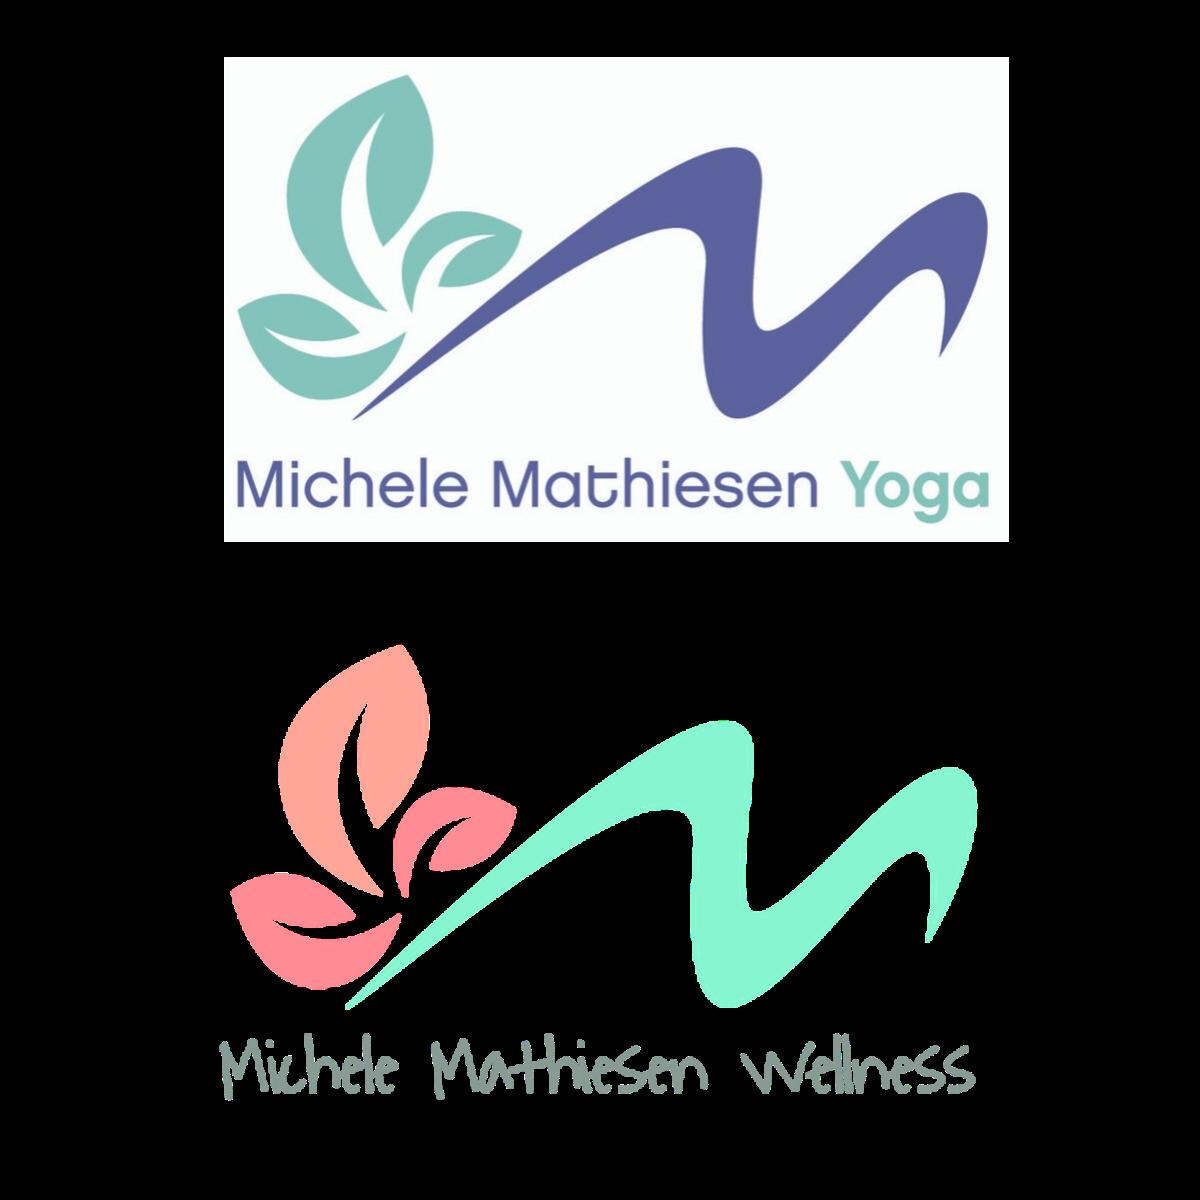 MMW-Logo-v2.0-1-300x185.png